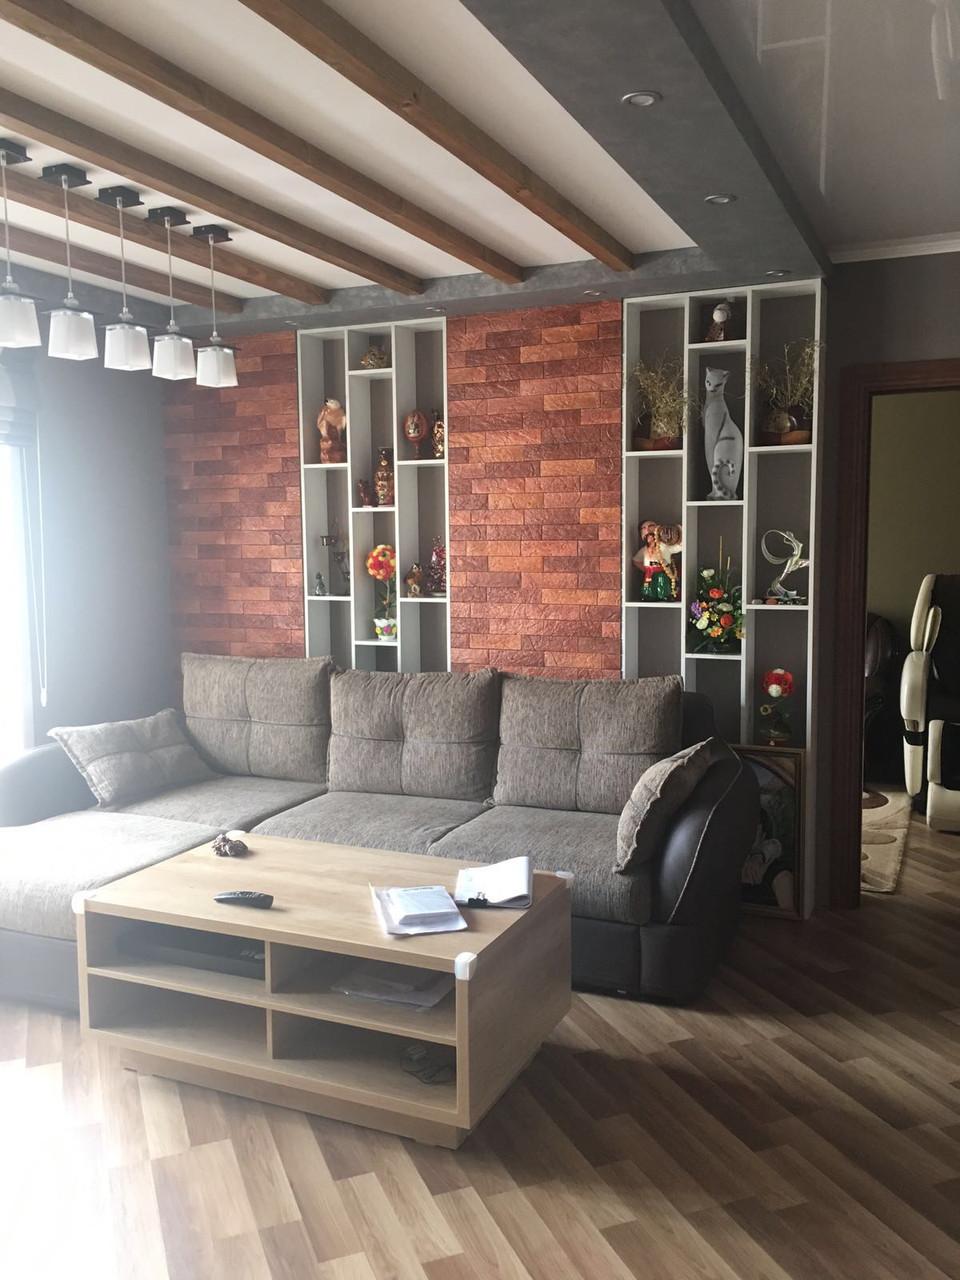 Ремонт квартиры под ключ - Ремонтно-строительные и озеленительные услуги в Запорожье